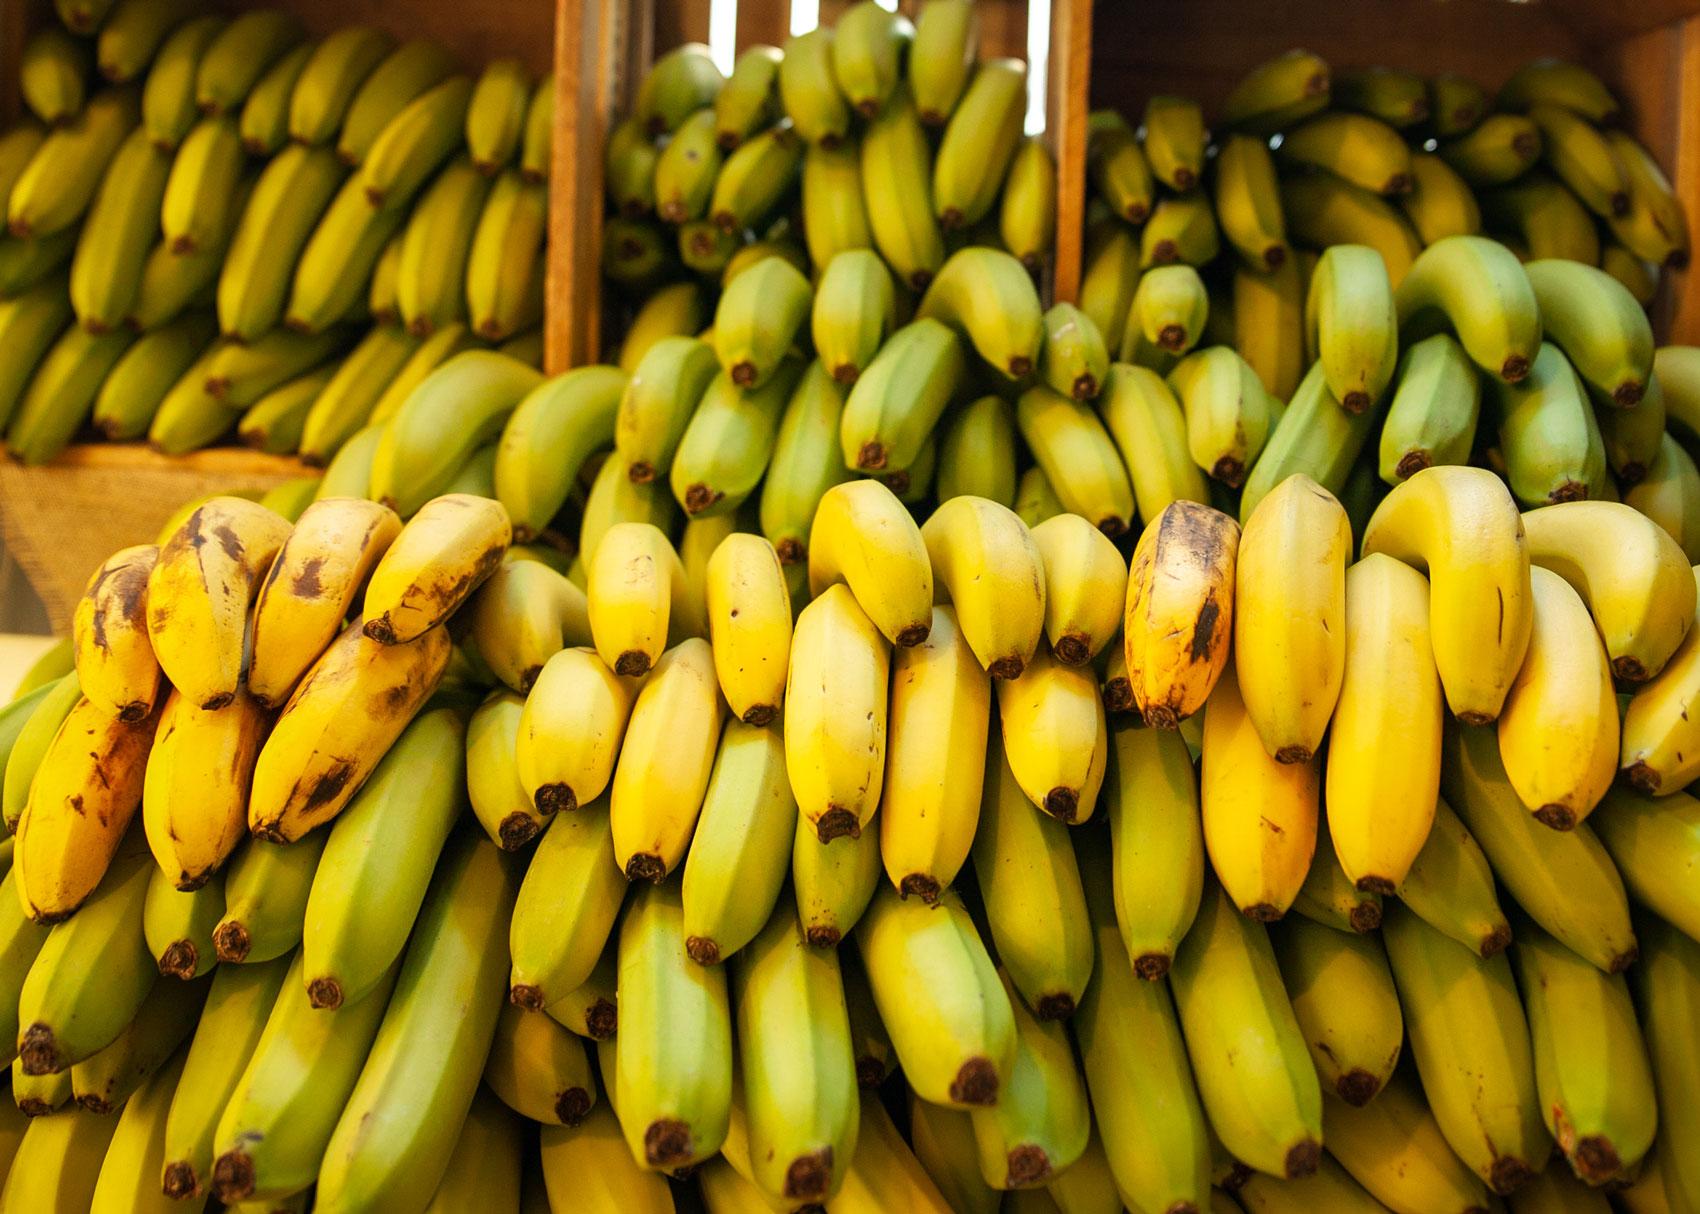 Seemingly endless bundles of yellow bananas.